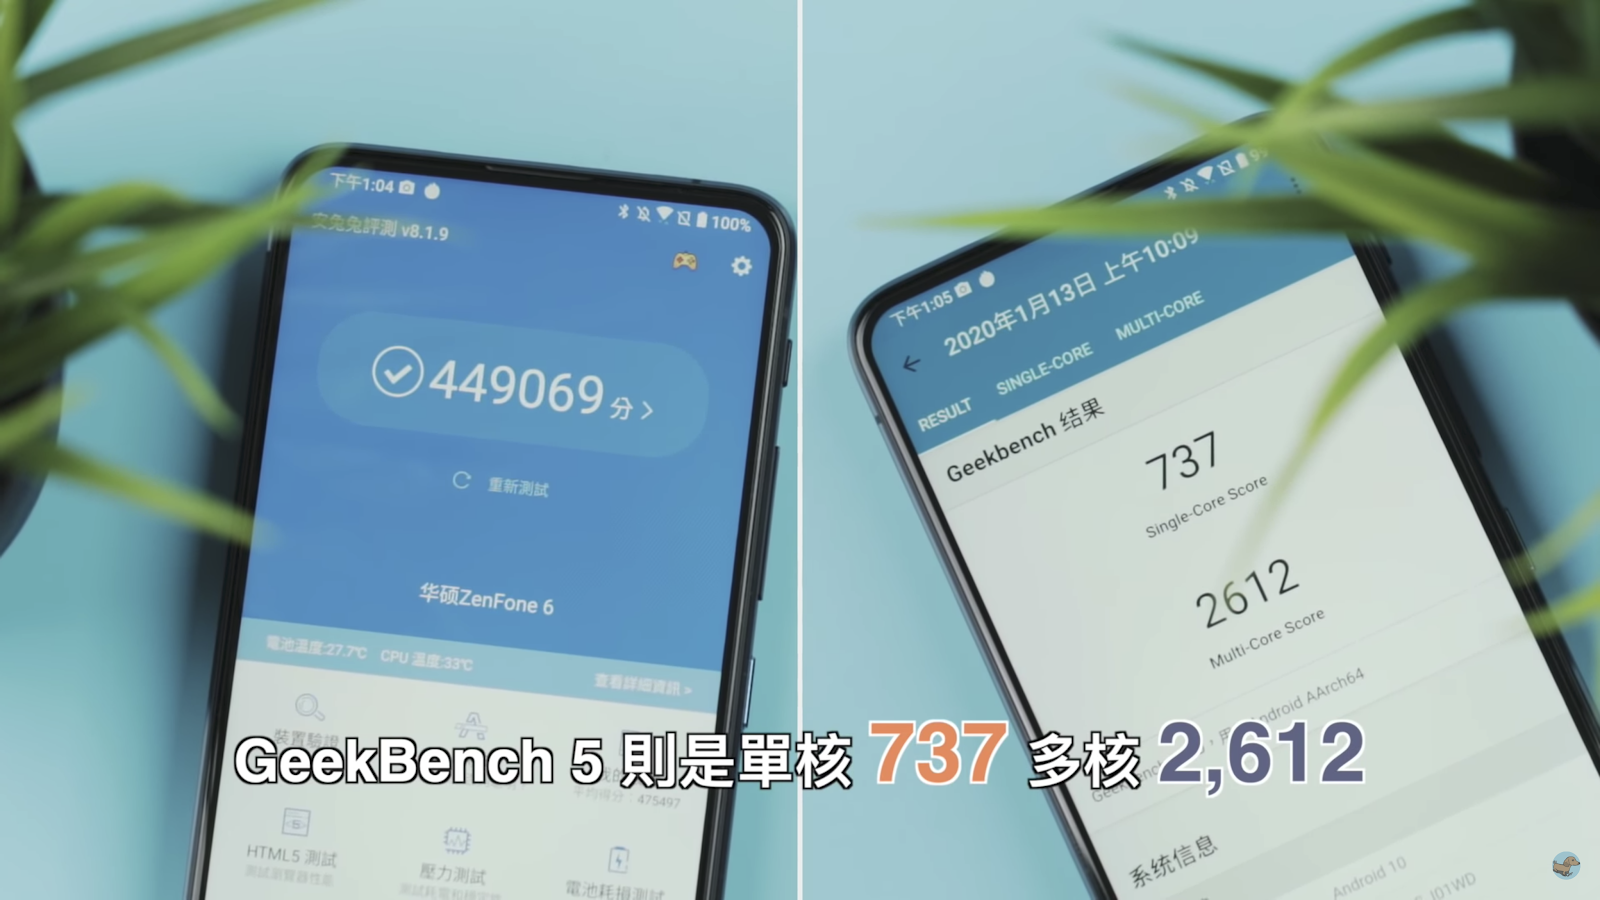 ZenFone 6 使用六個月心得 - 4